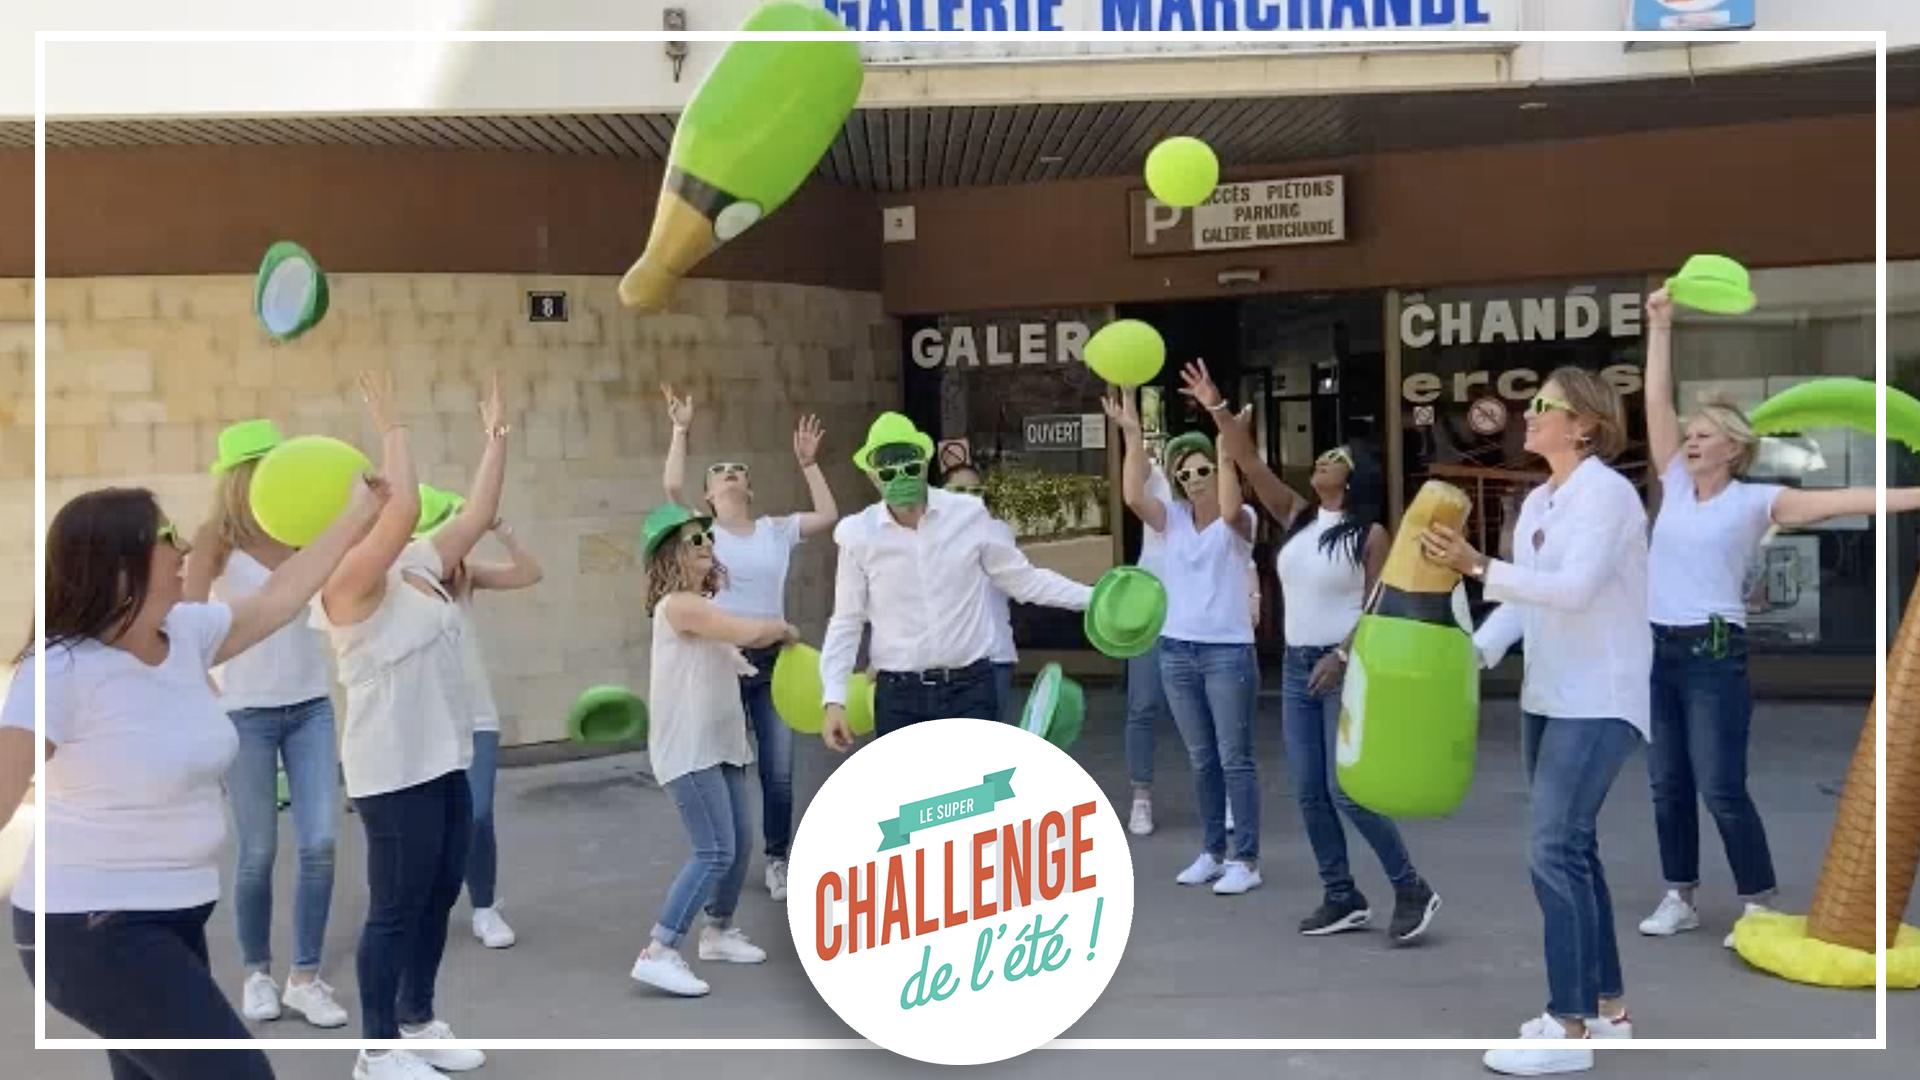 Jerusalema Challenge - Saint-Pierre Assurances